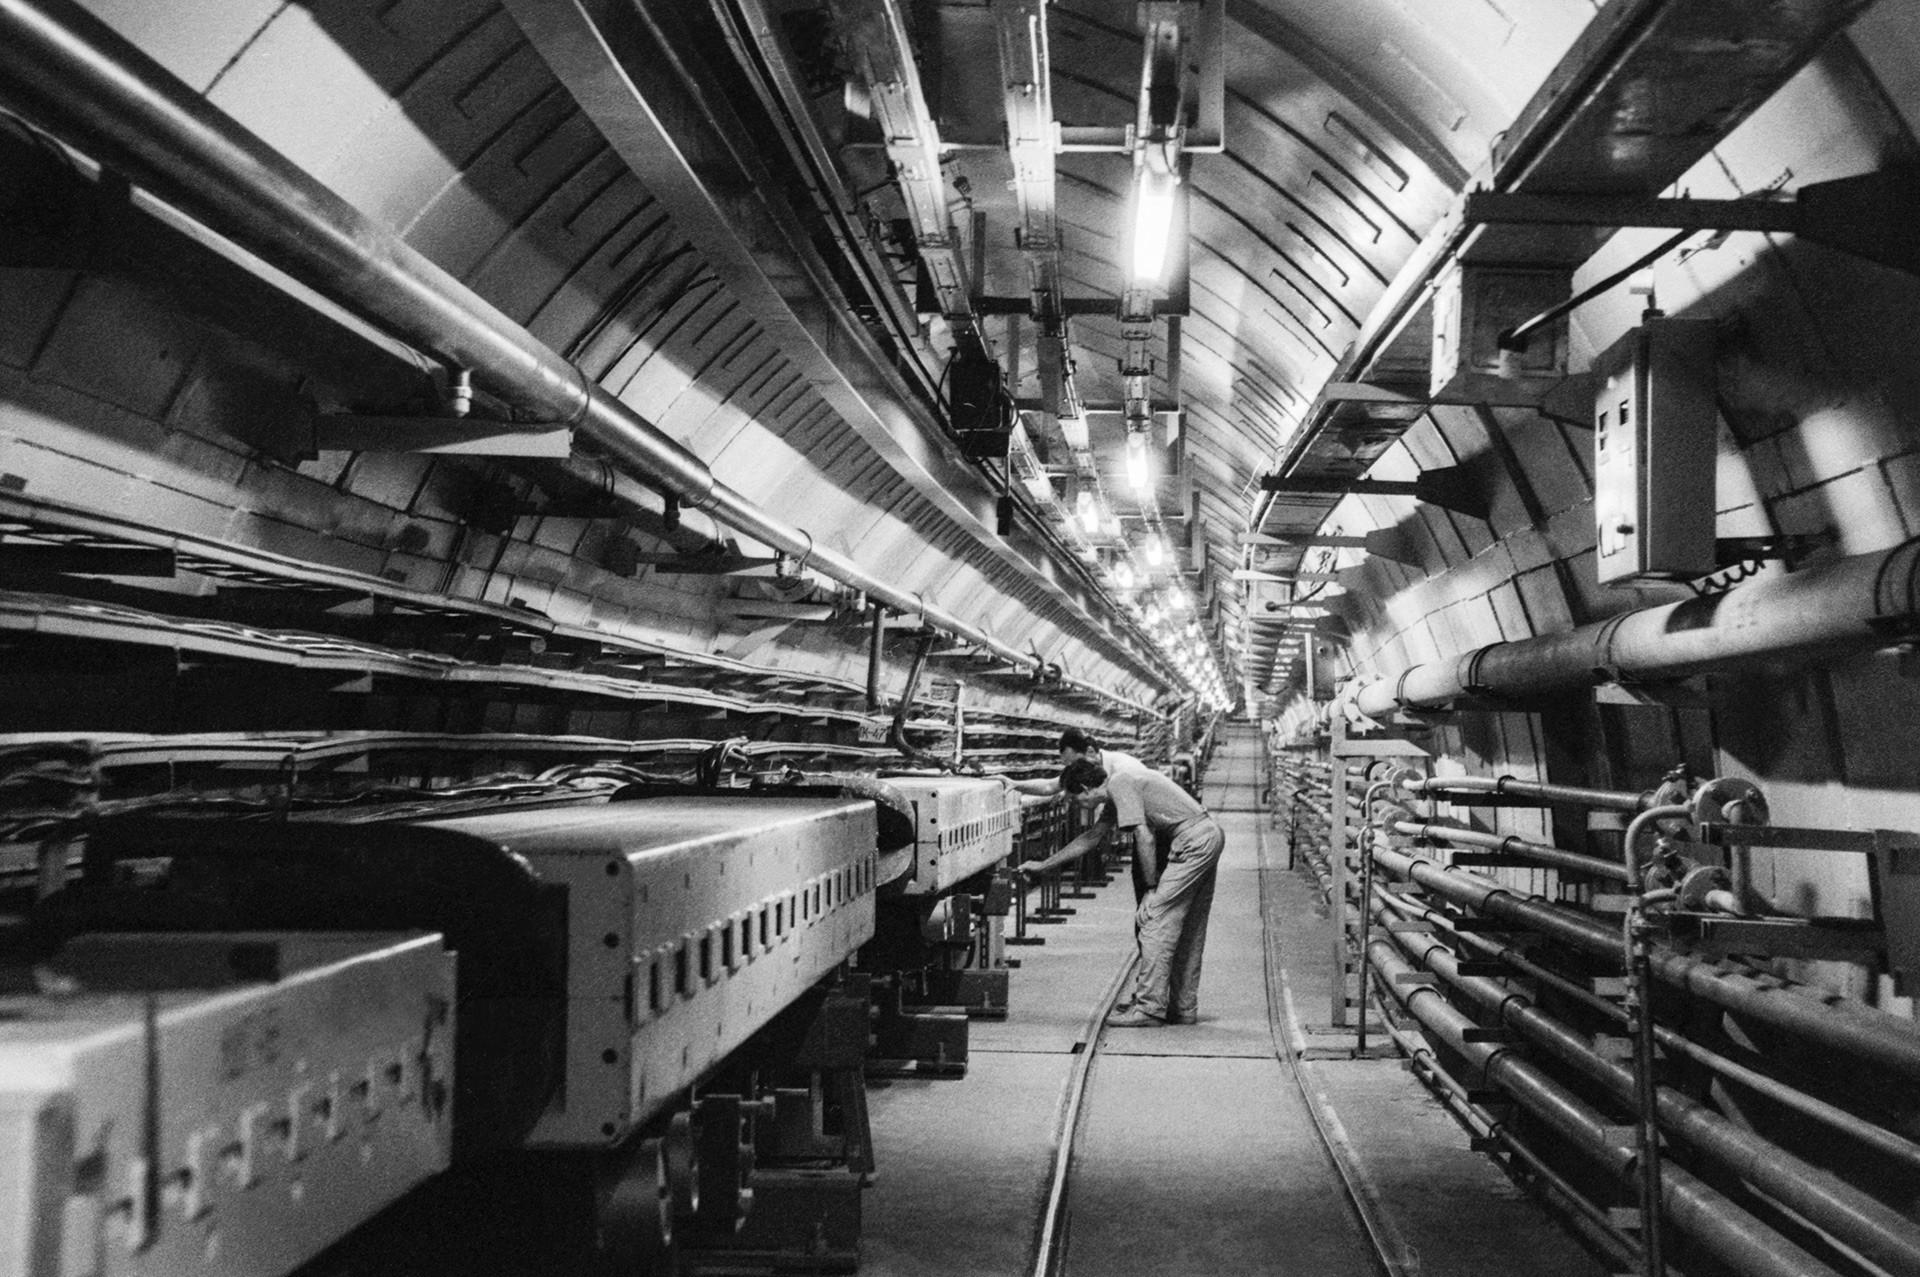 Институт за физика на високи енергии во Протвино, Московска област. Ракување со магнети во системот за забрзување на честички.